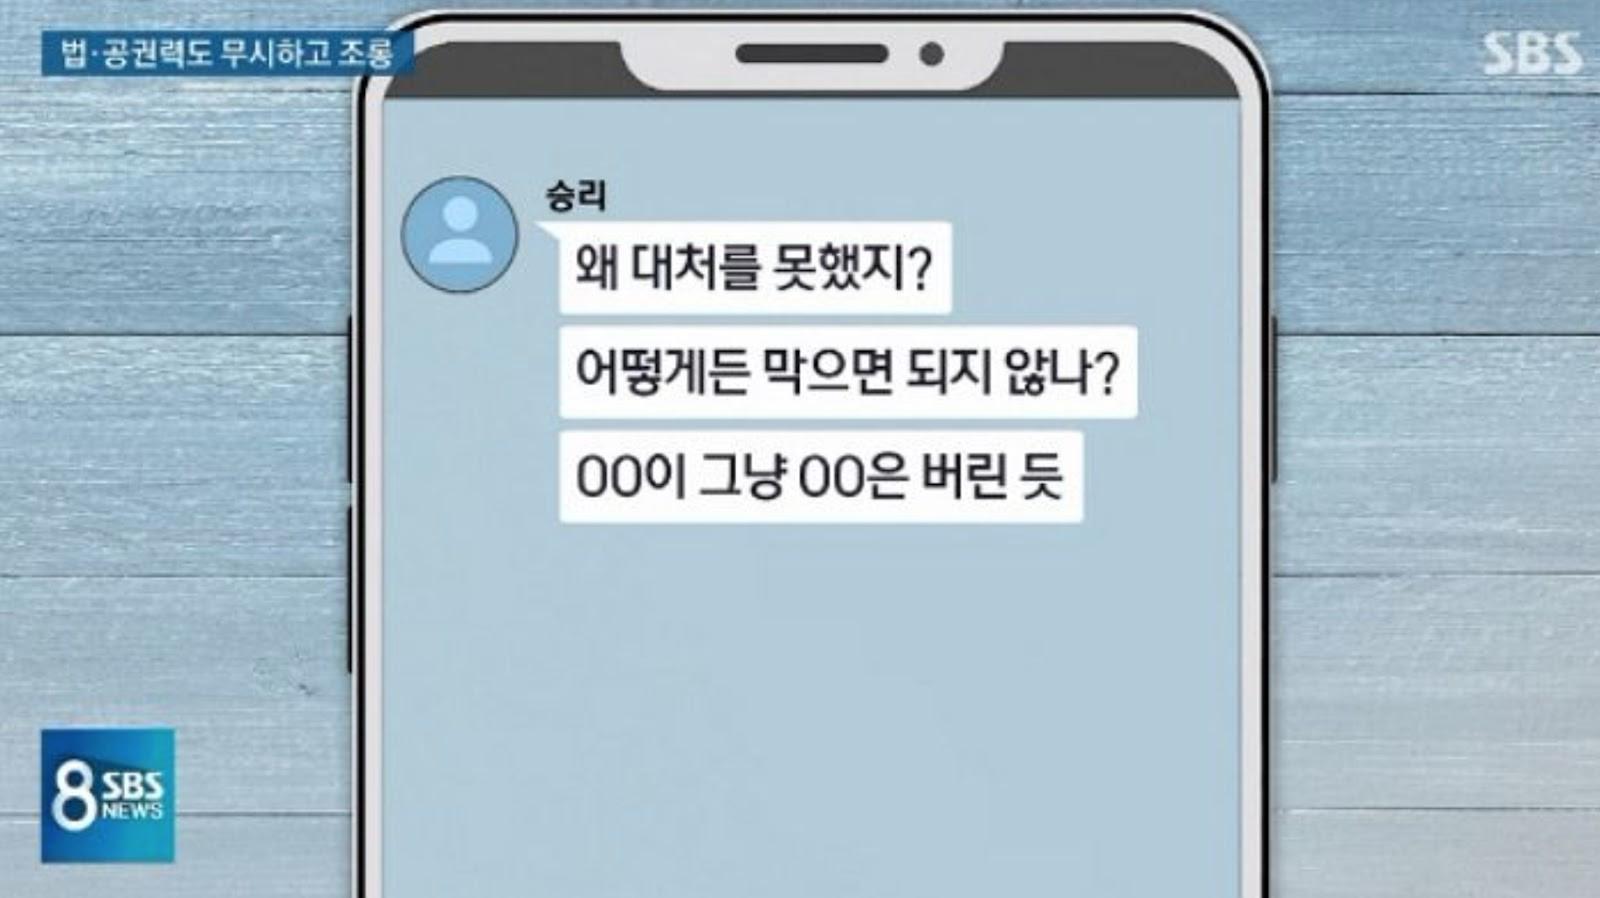 SBS khui đoạn chat chứng minh: Seungri không chỉ liên quan mà còn chủ động nói đến nghi án đi cửa sau với cảnh sát